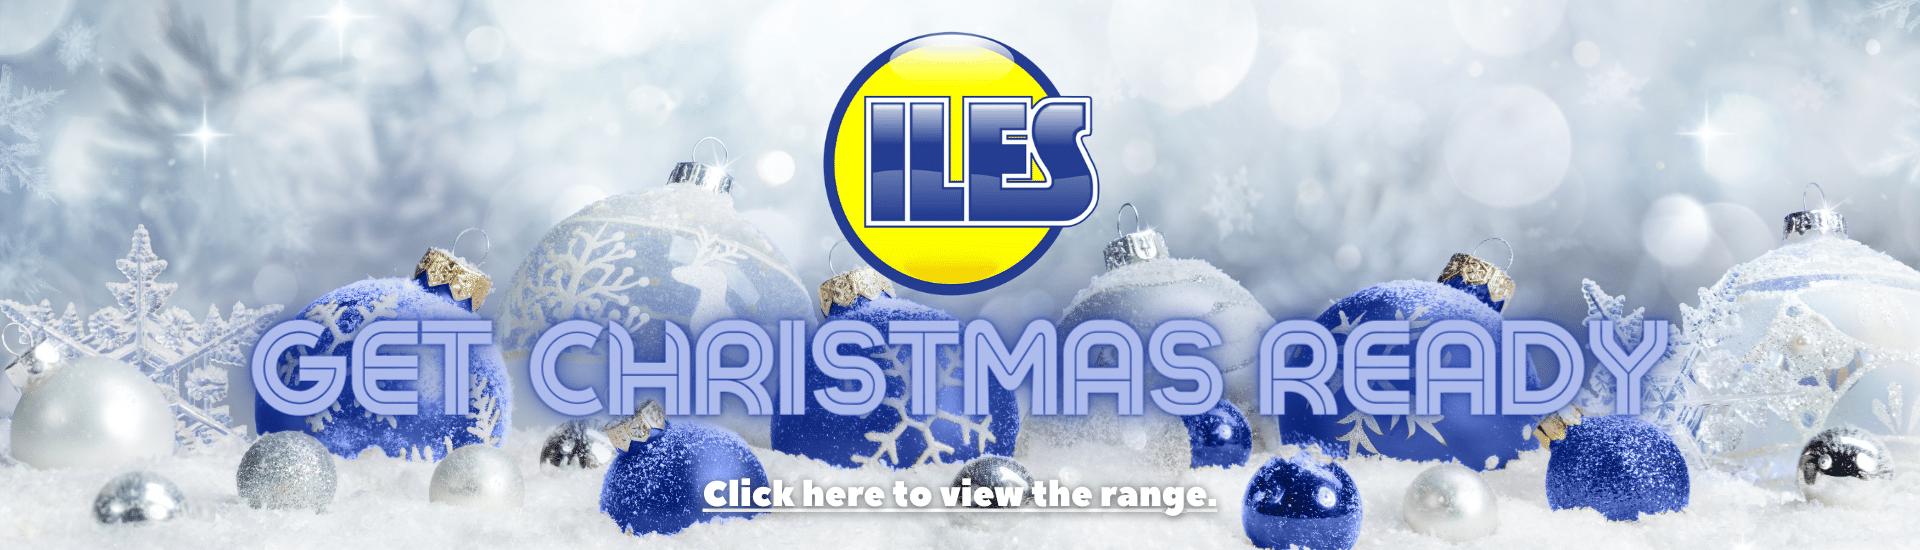 Trevor Iles Christmas